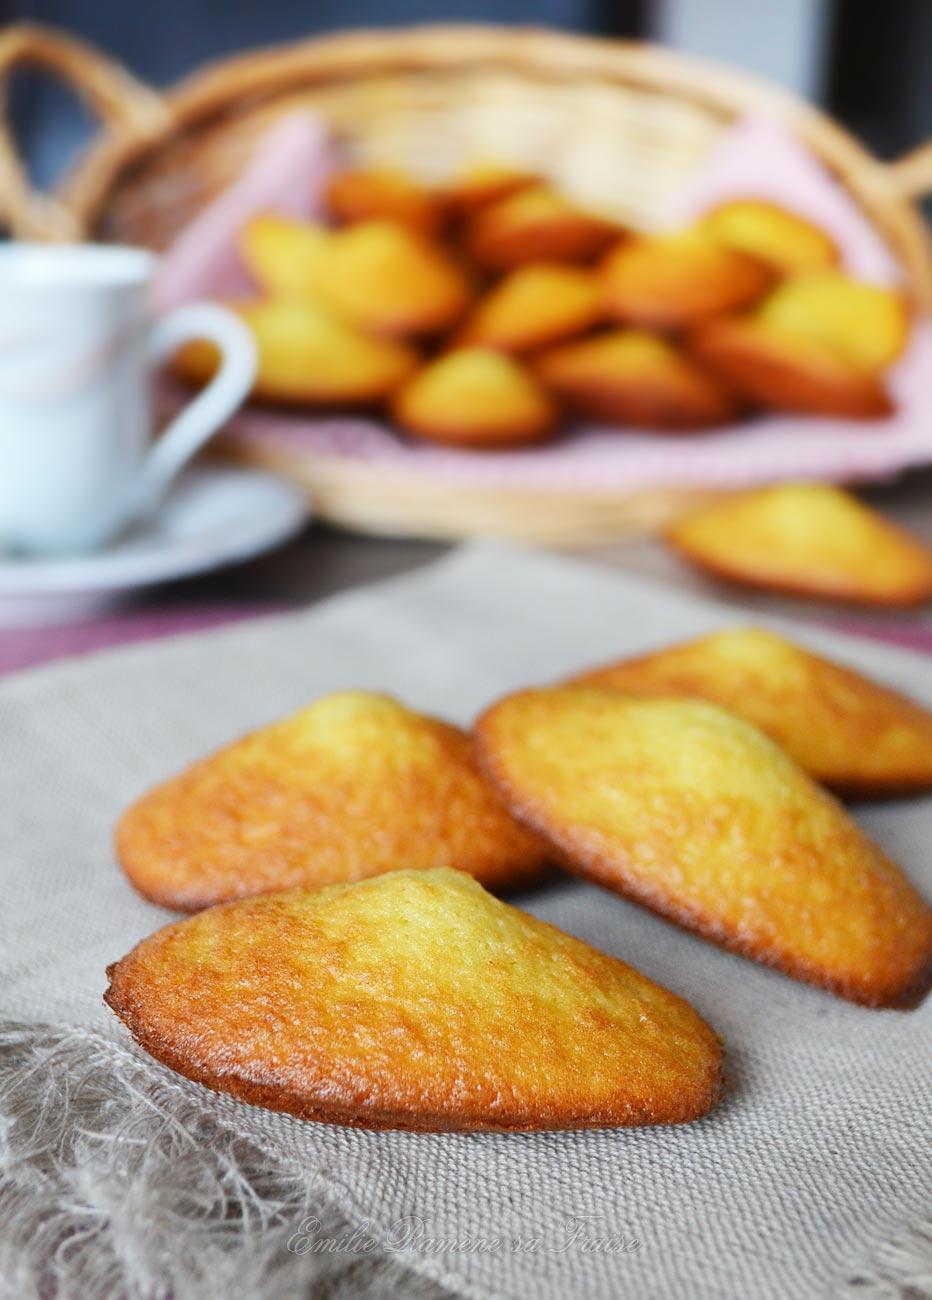 Les madeleines à la fleur d'oranger